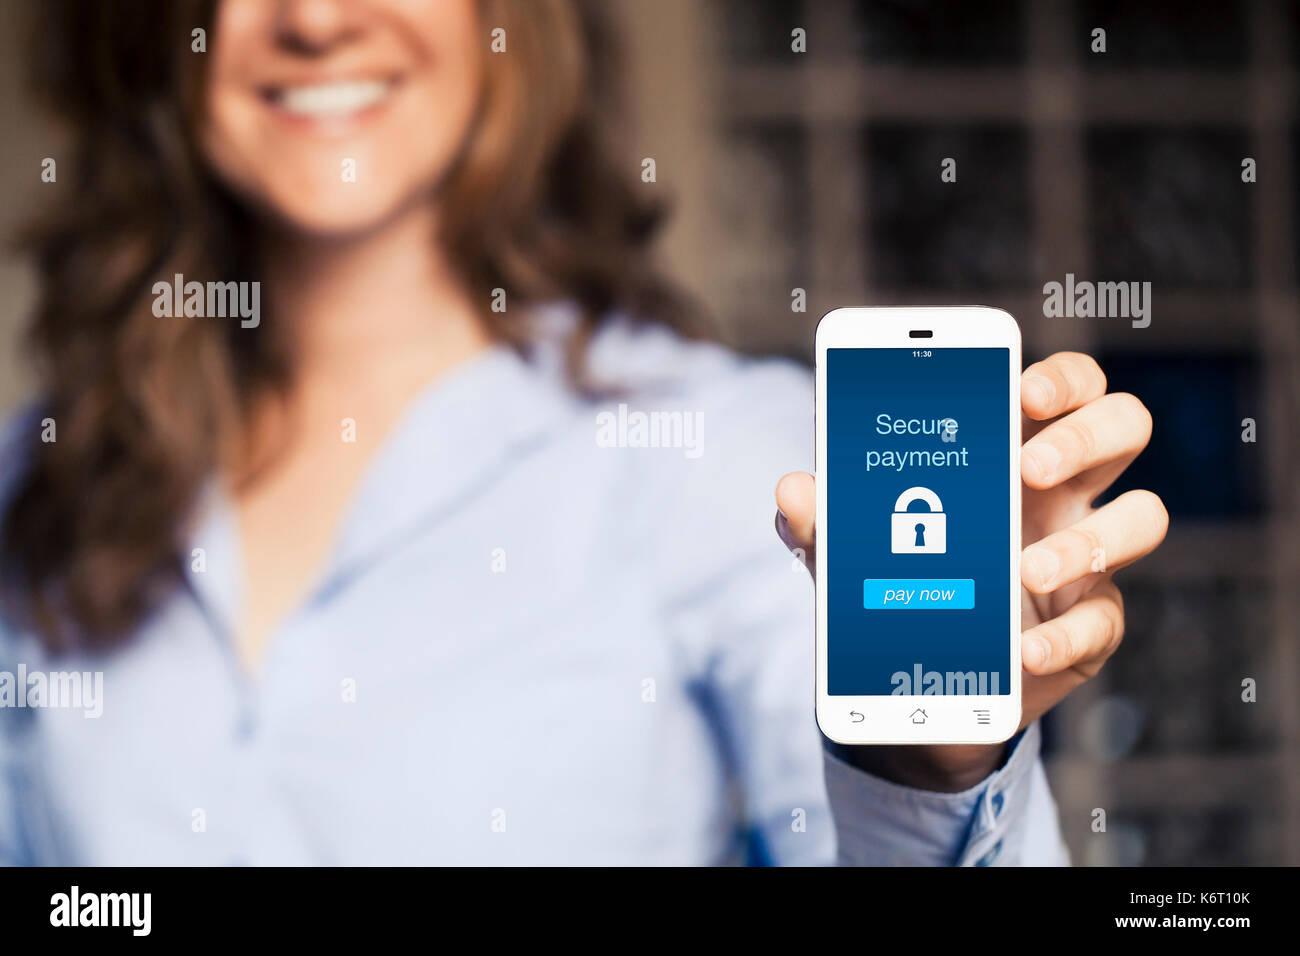 Notificación de pago seguro en una pantalla de teléfono móvil. Mujer utilizando un smartphone con la banca online app en la pantalla. Imagen De Stock